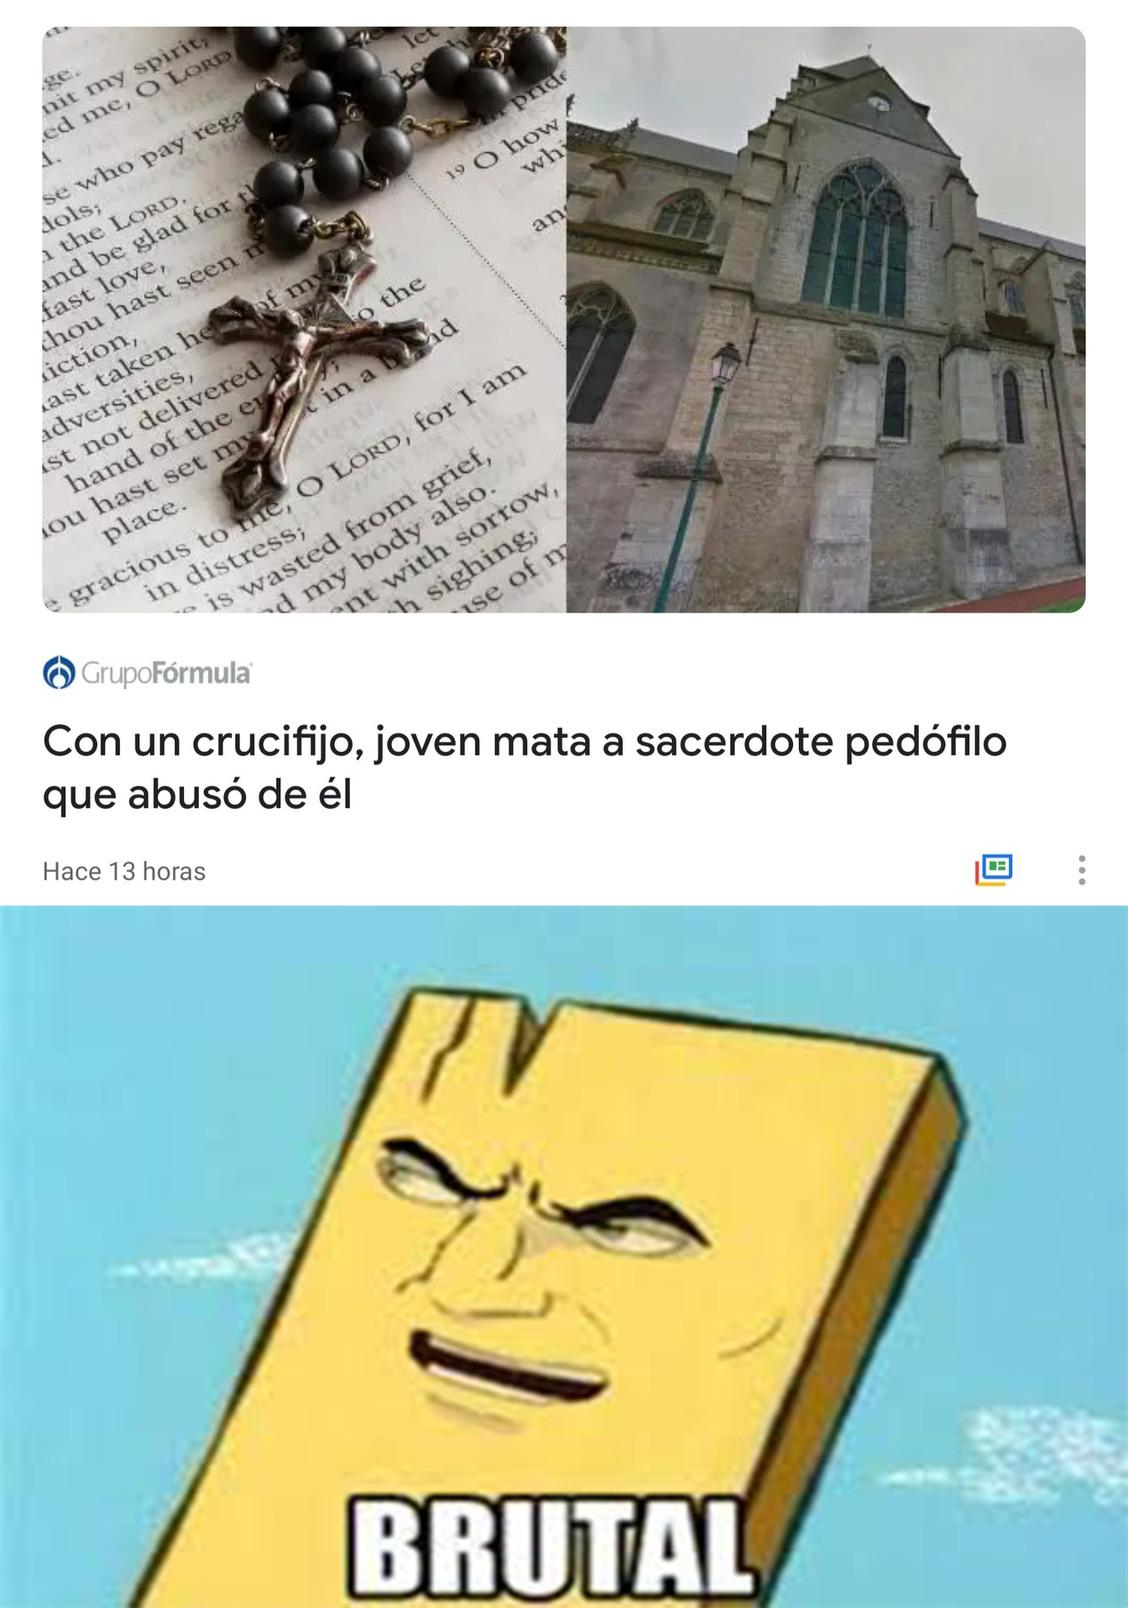 8ruT@7 - meme